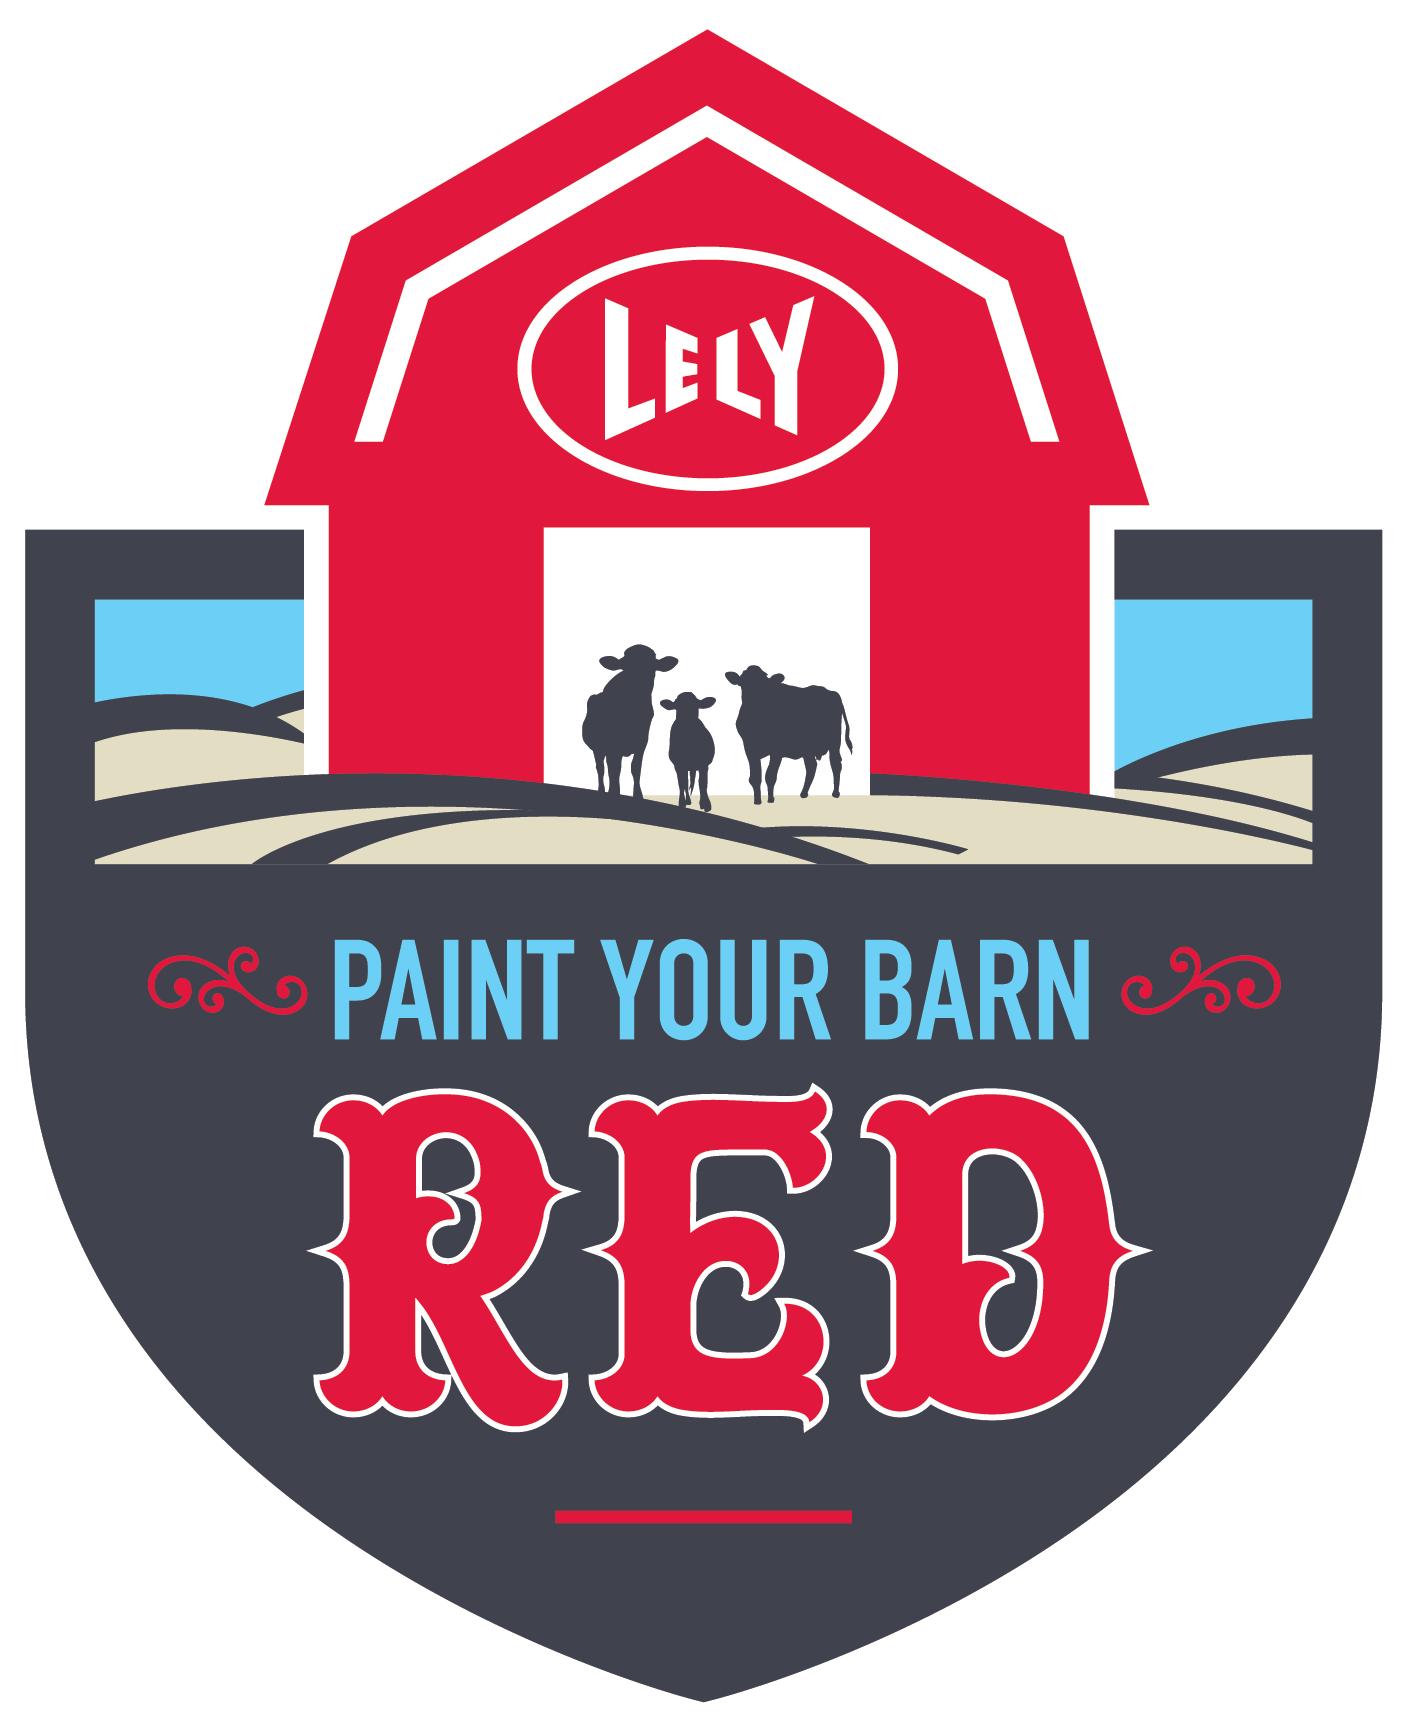 Lely PYBR-logo